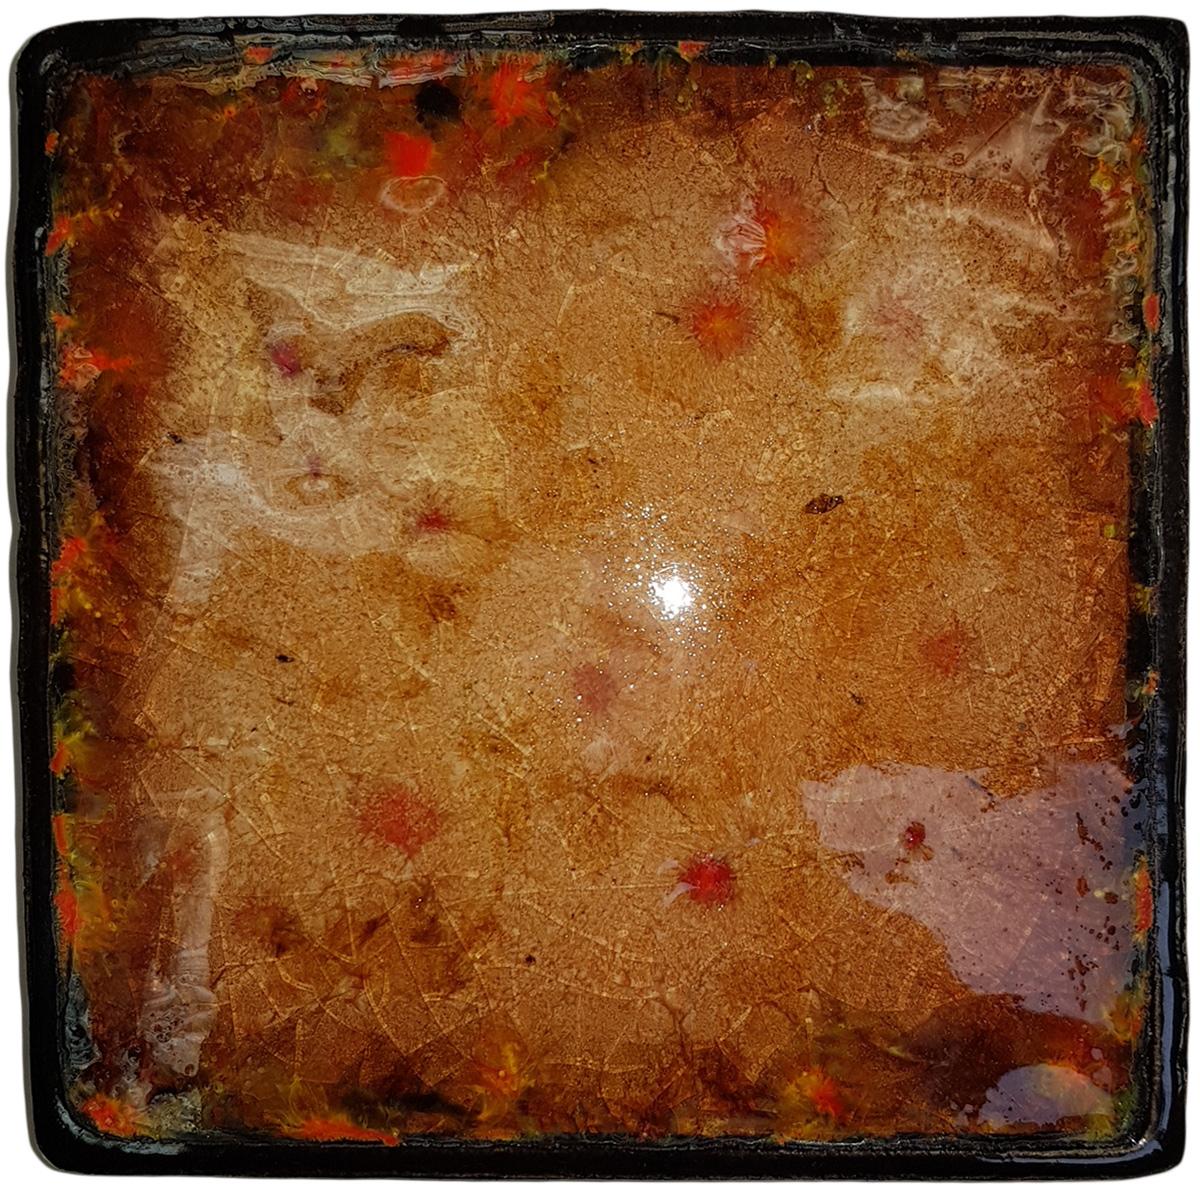 Керамическое панно ZORA Витражная мозаика, 15,2 х 15 см. Авторская работа. ZS-PL-SM5ZS-PL-SM5Керамическое панно ZORA Витражная мозаика, размер: 15,2х15 см. Авторская работа.Товар может быть использован как панно, подставка под горячее, плитка для украшения уличных мангалов и беседки.Цветное стекло, три обжига, шамот.